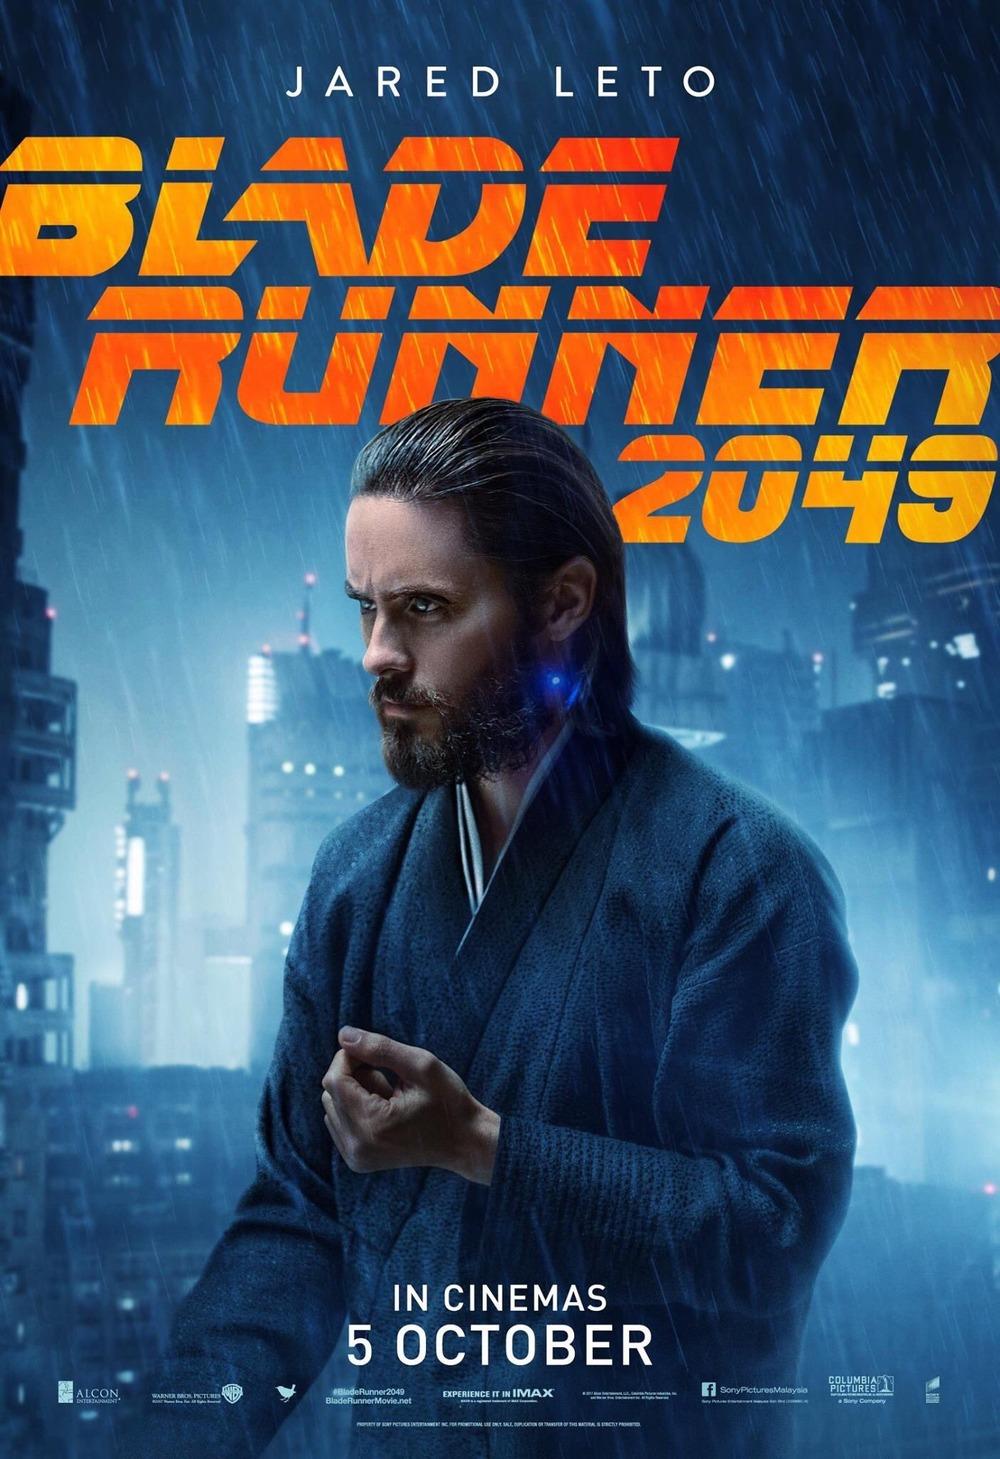 Blade Runner 2049 Erklärung